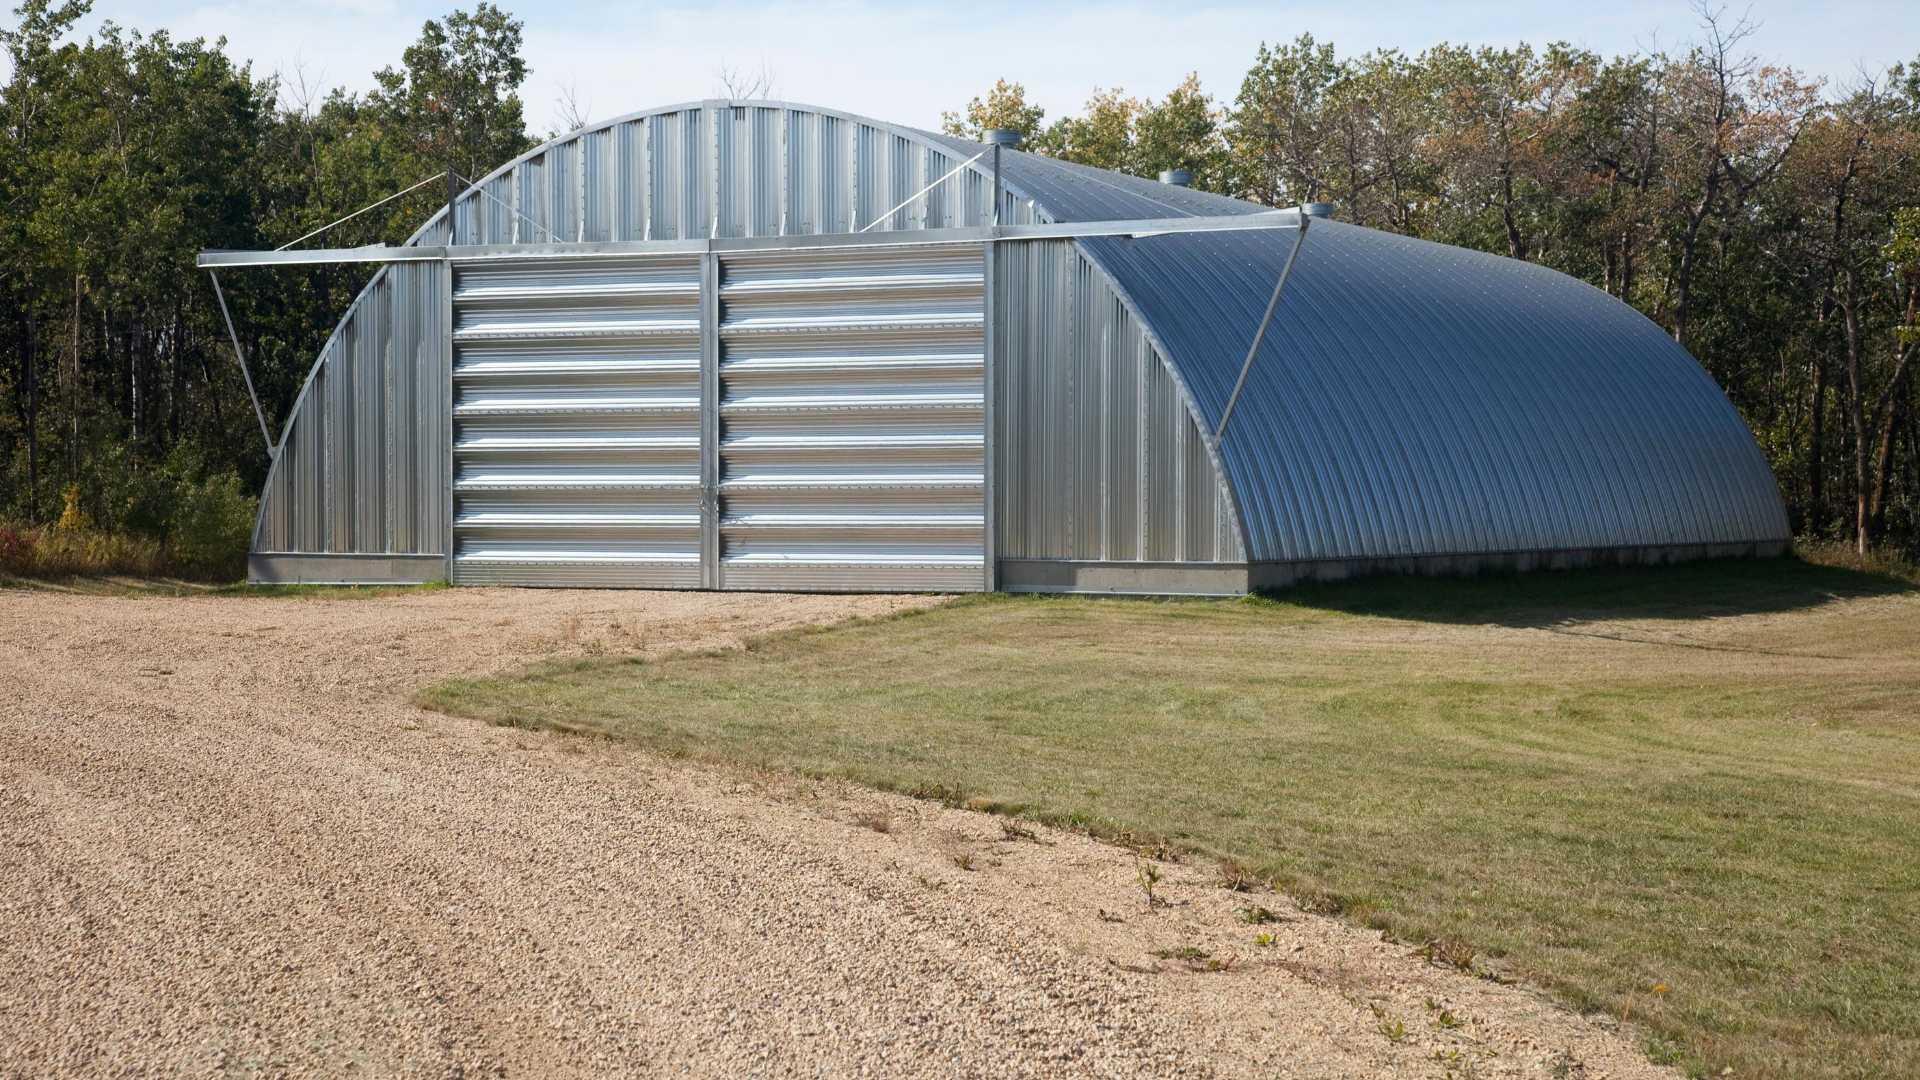 Agriculteurs : transformez vos hangars agricoles vacants en espace de stockage